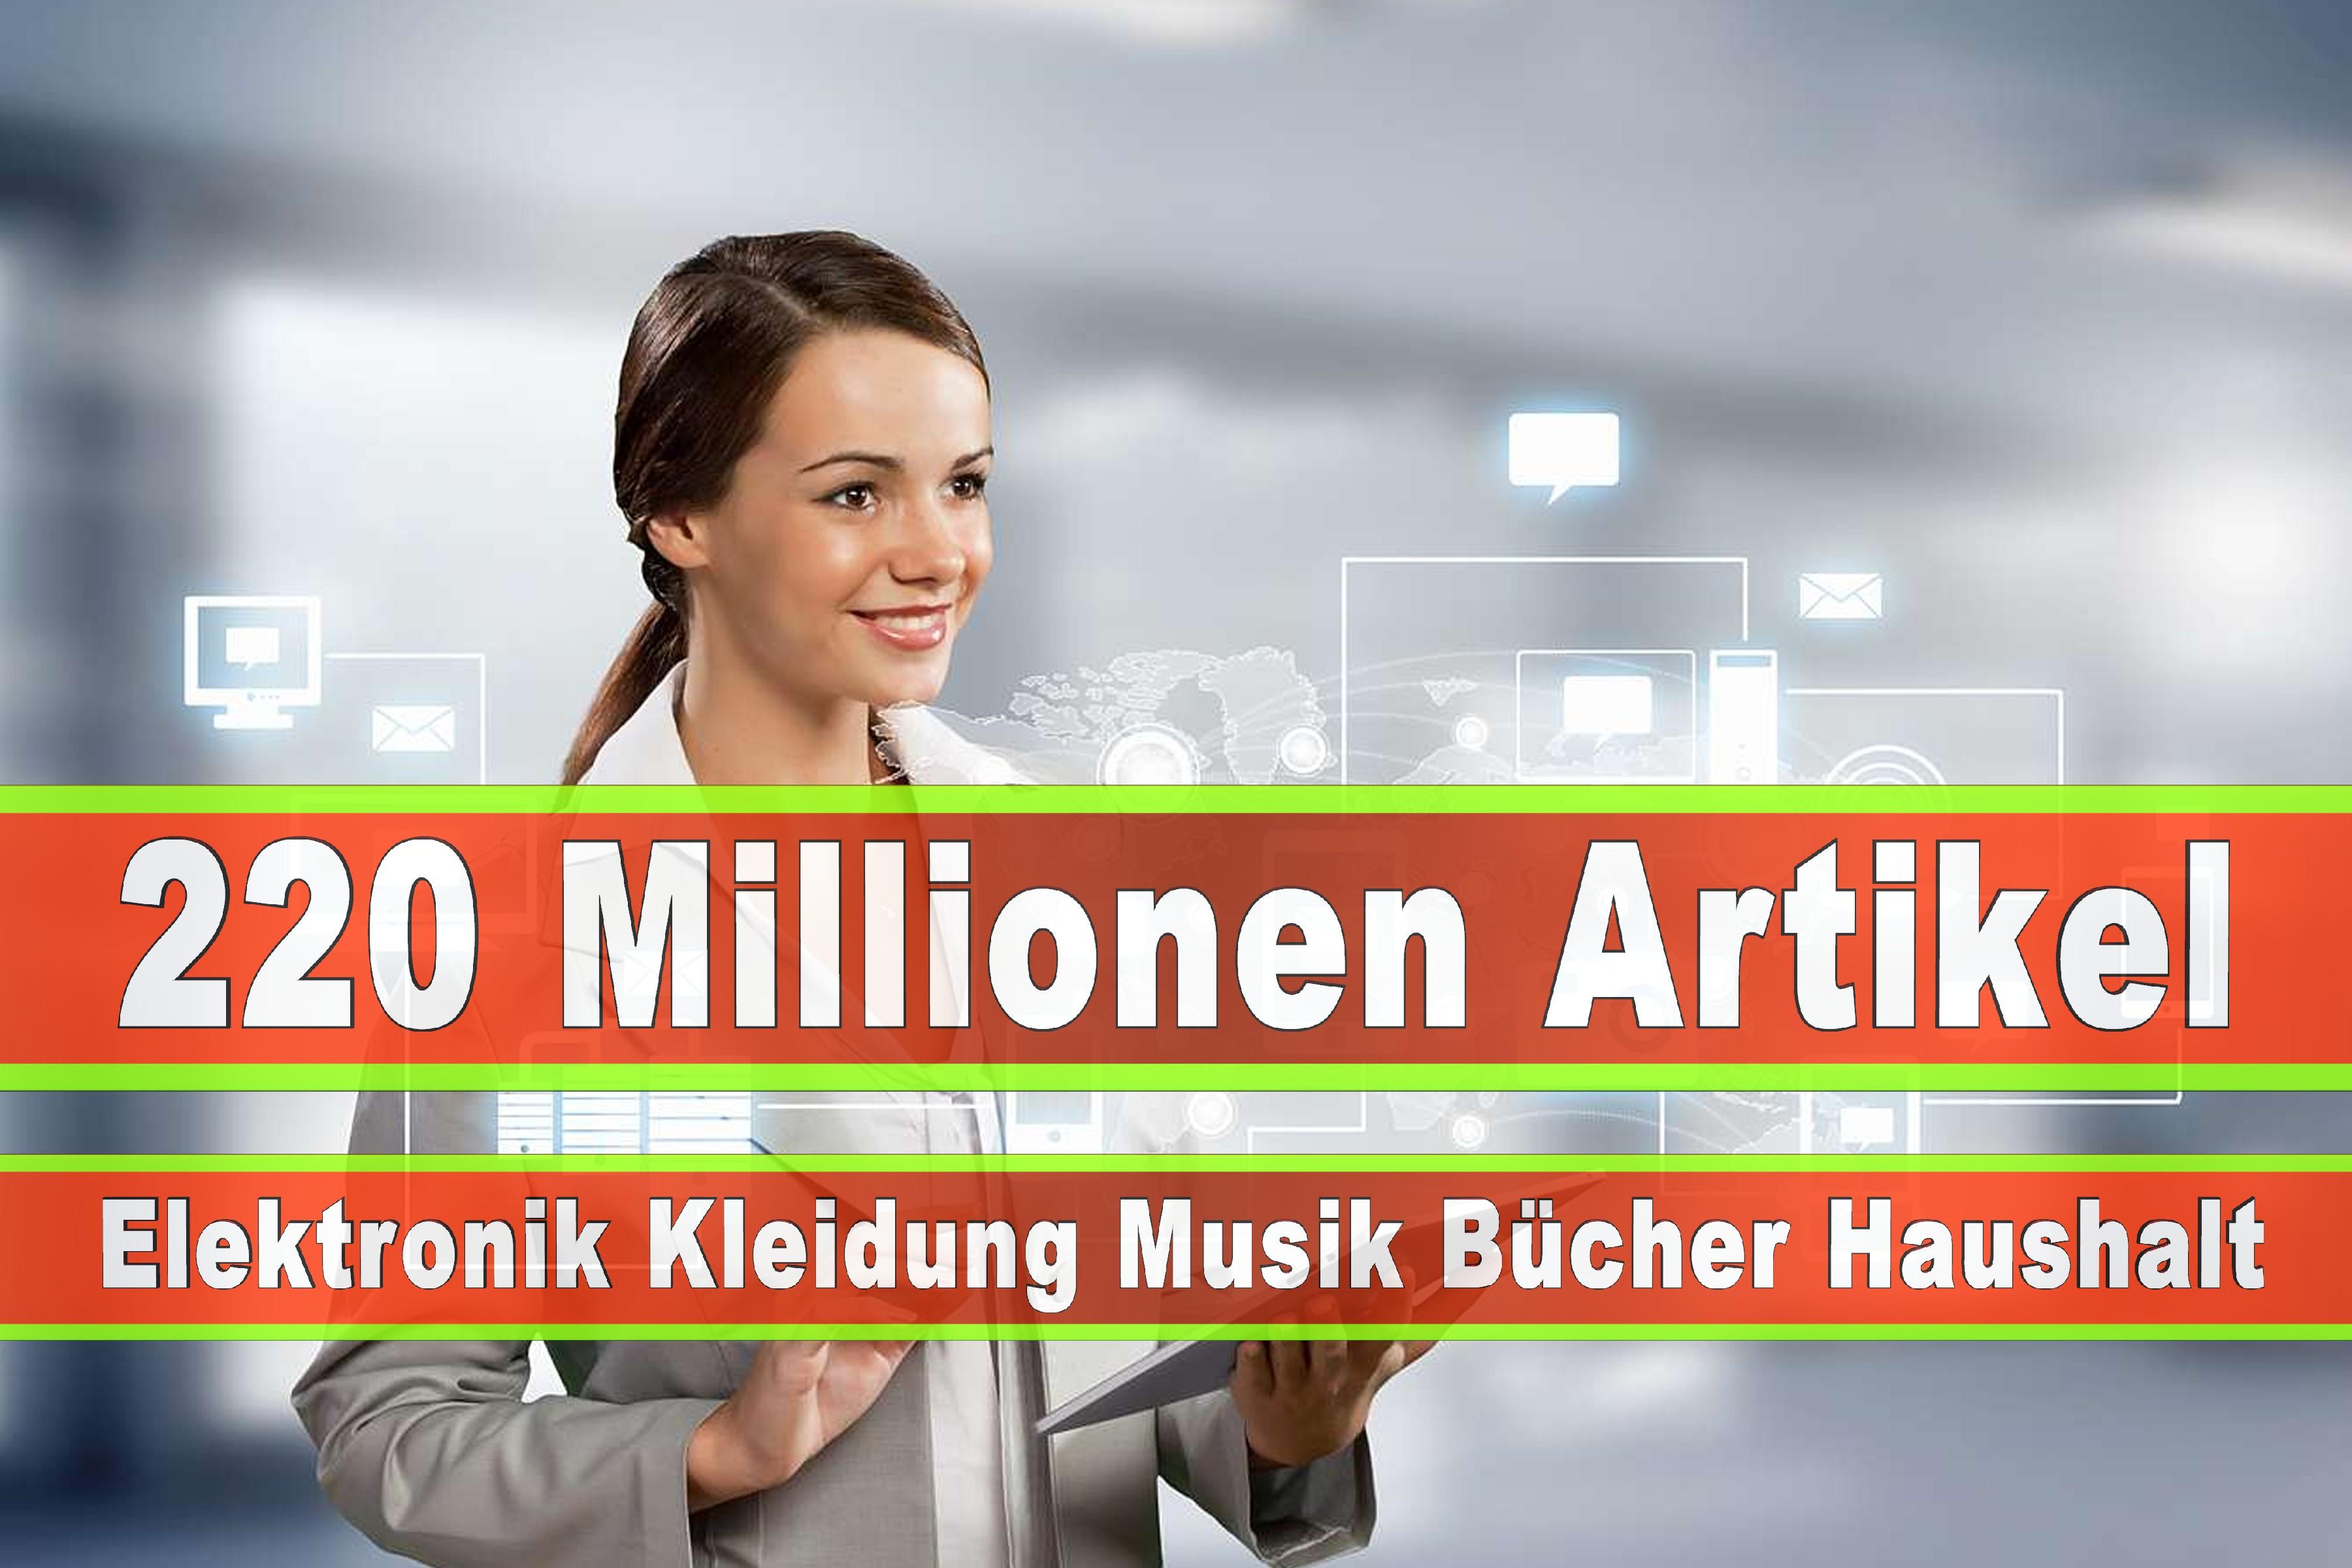 Amazon Elektronik Musik Haushalt Bücher CD DVD Handys Smartphones TV Television Fernseher Kleidung Mode Ebay Versandhaus (10)